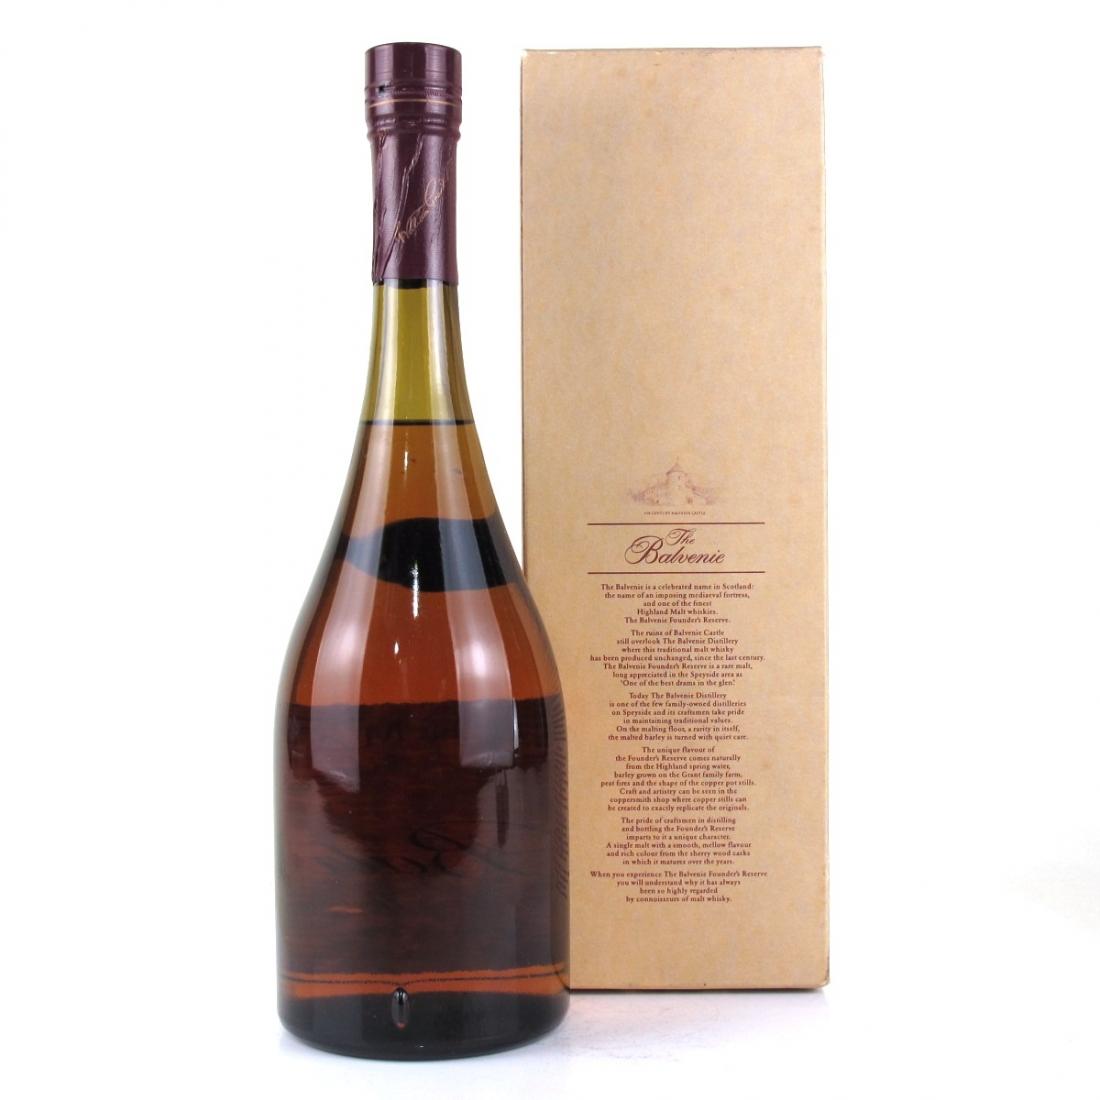 Balvenie 10 Year Old Founder's Reserve Cognac Bottle 1 Litre